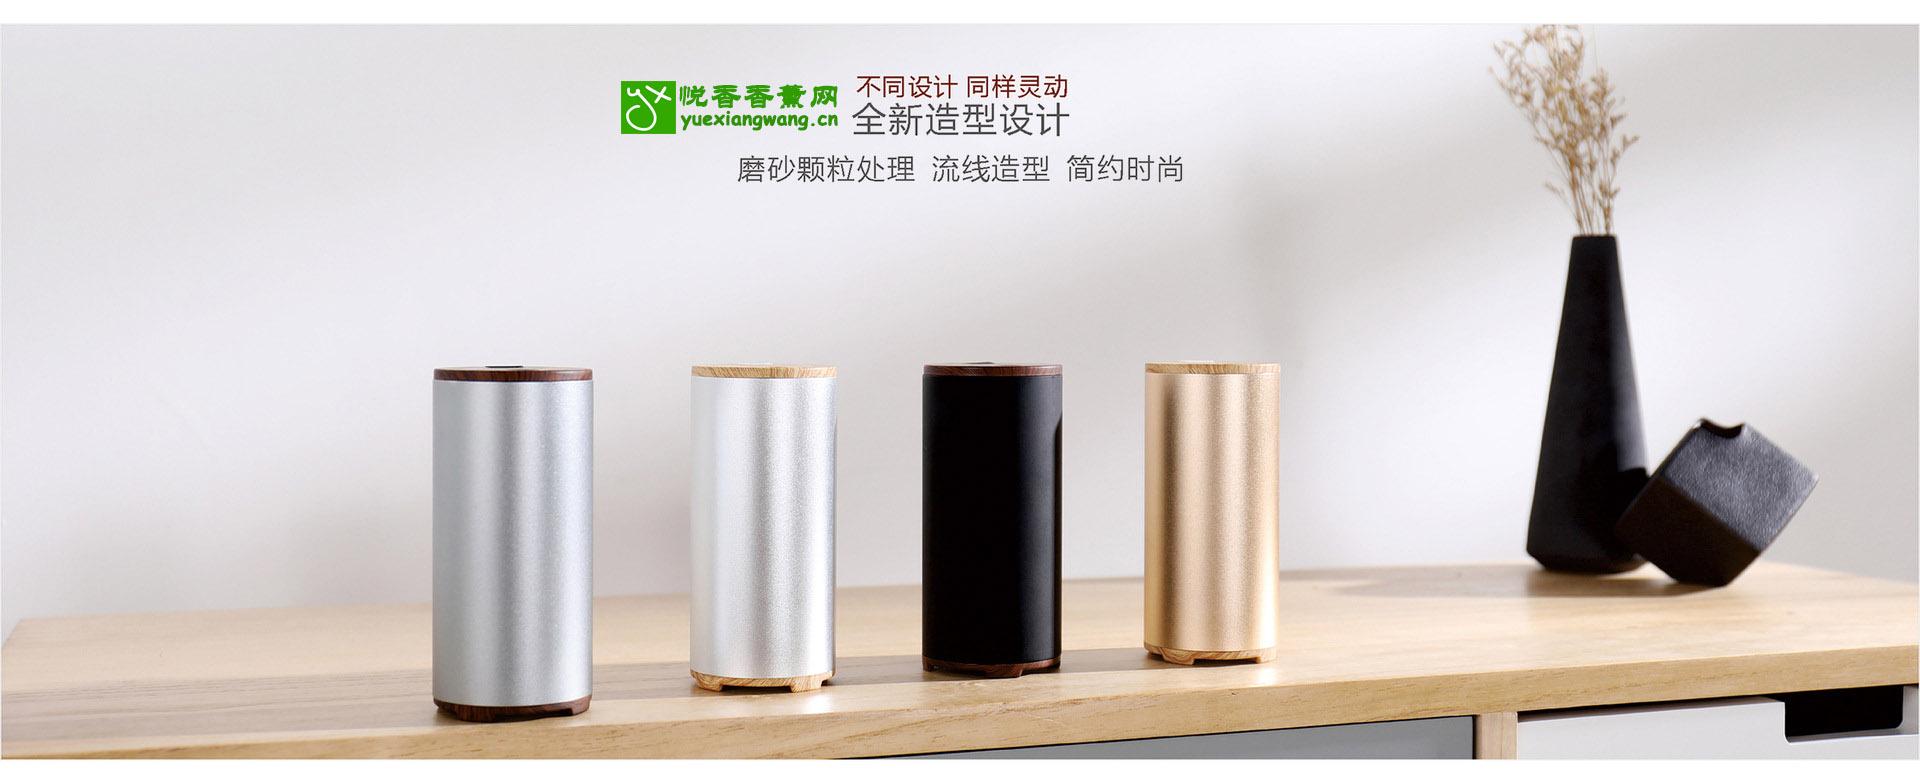 西安卡美隆供应USB车载空气净化器 礼品净化器